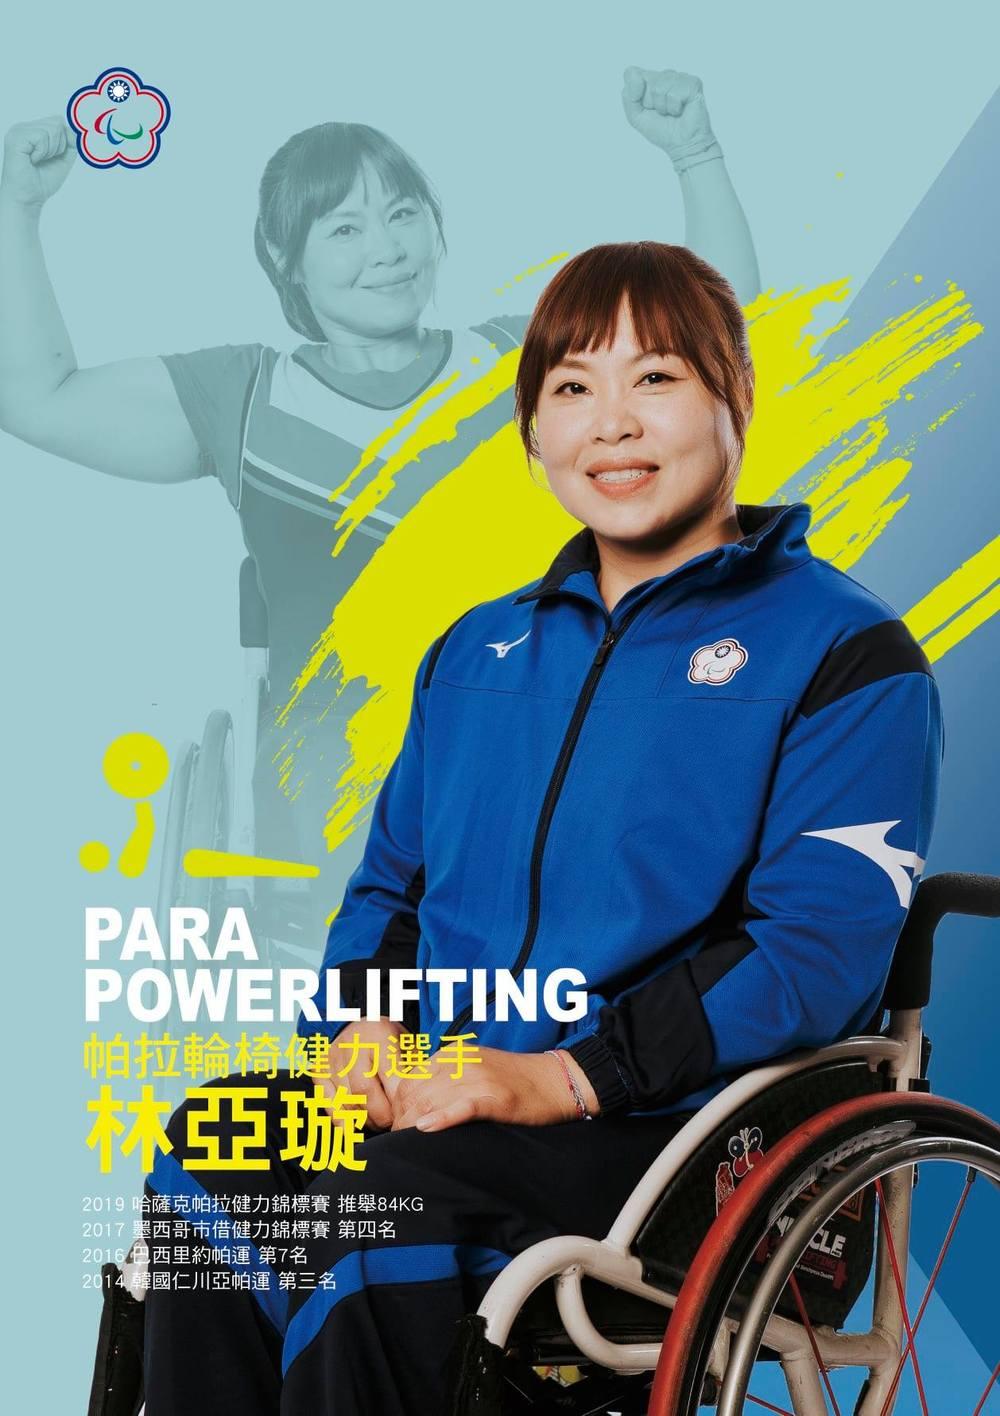 東京帕運8/24登場! 台灣10位國手點將錄   翻攝中華民國殘障體育運動總會臉書